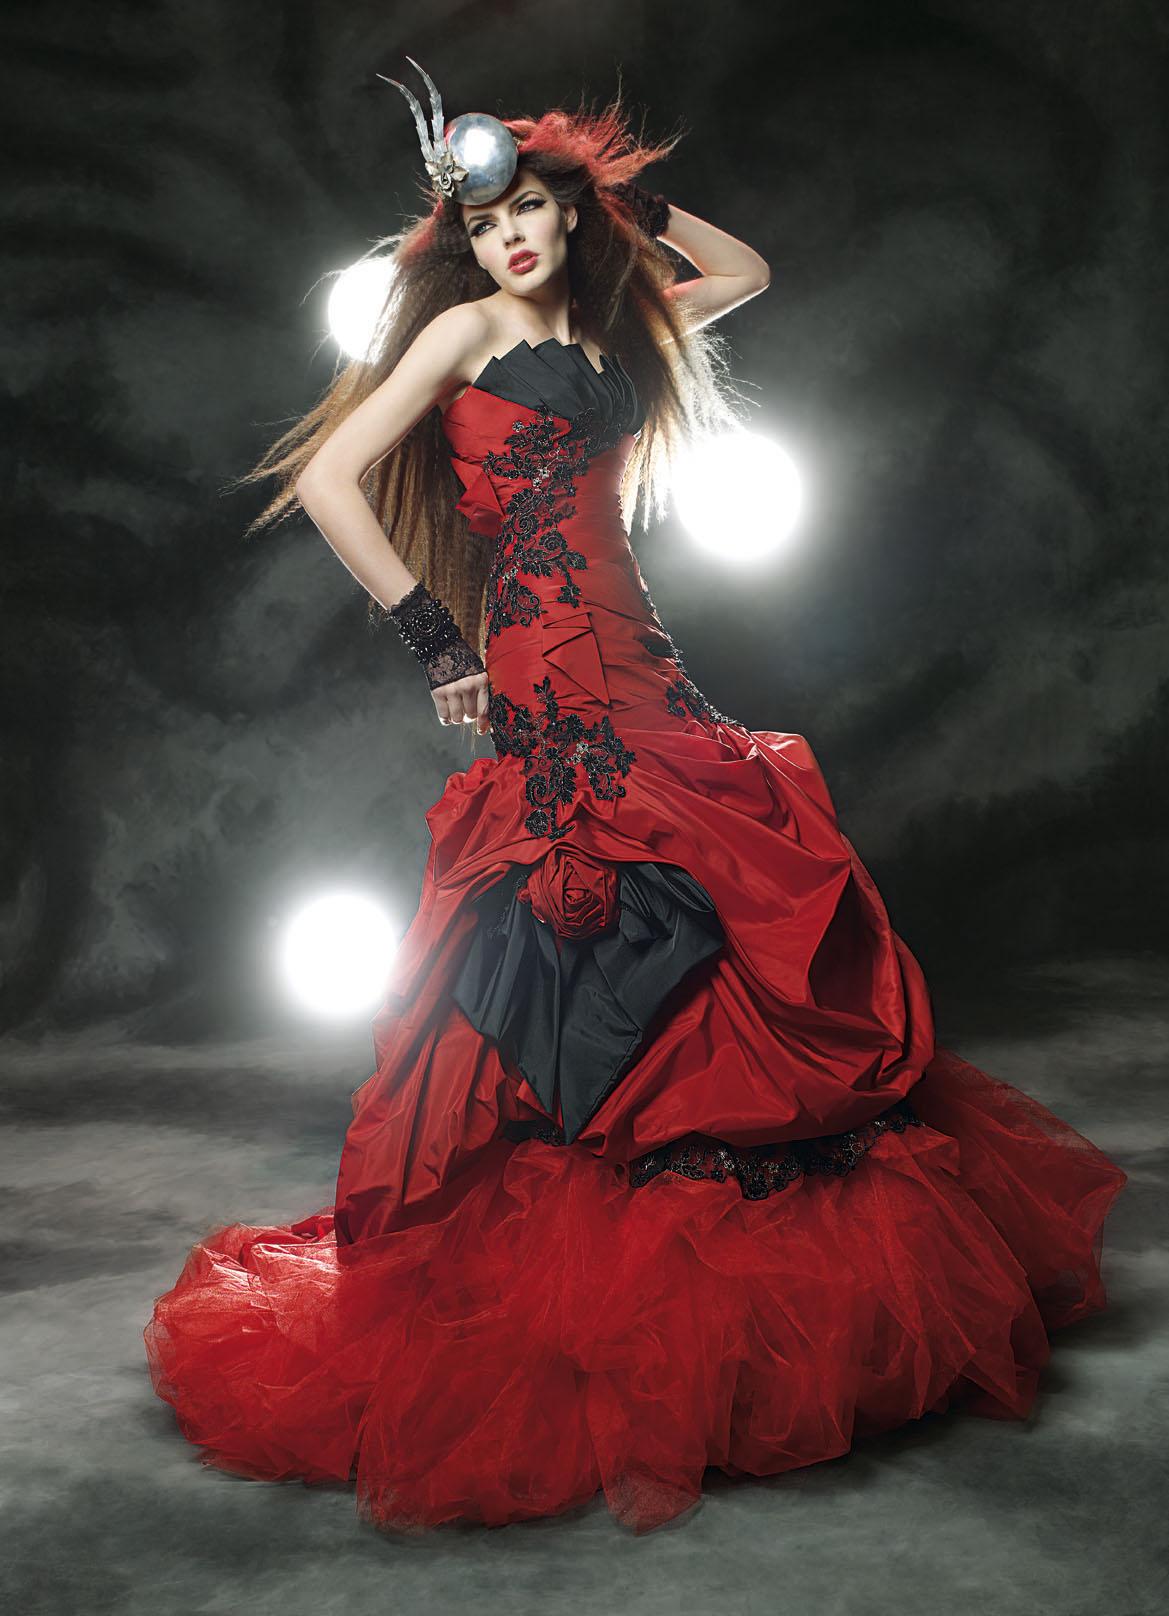 Gothique L\'alliance du rouge et du noir, plutôt inattendue pour un mariage, fait de cette robe inédite créée par Maria Karin est une véritable œuvre d\'art. Avec son bustier graphique, ses surpiqûres dentelées et son jupon ébouriffant, elle confère à toutes les mariées un look mystérieux un brin coquin.  Crédit photo : Maria Karin